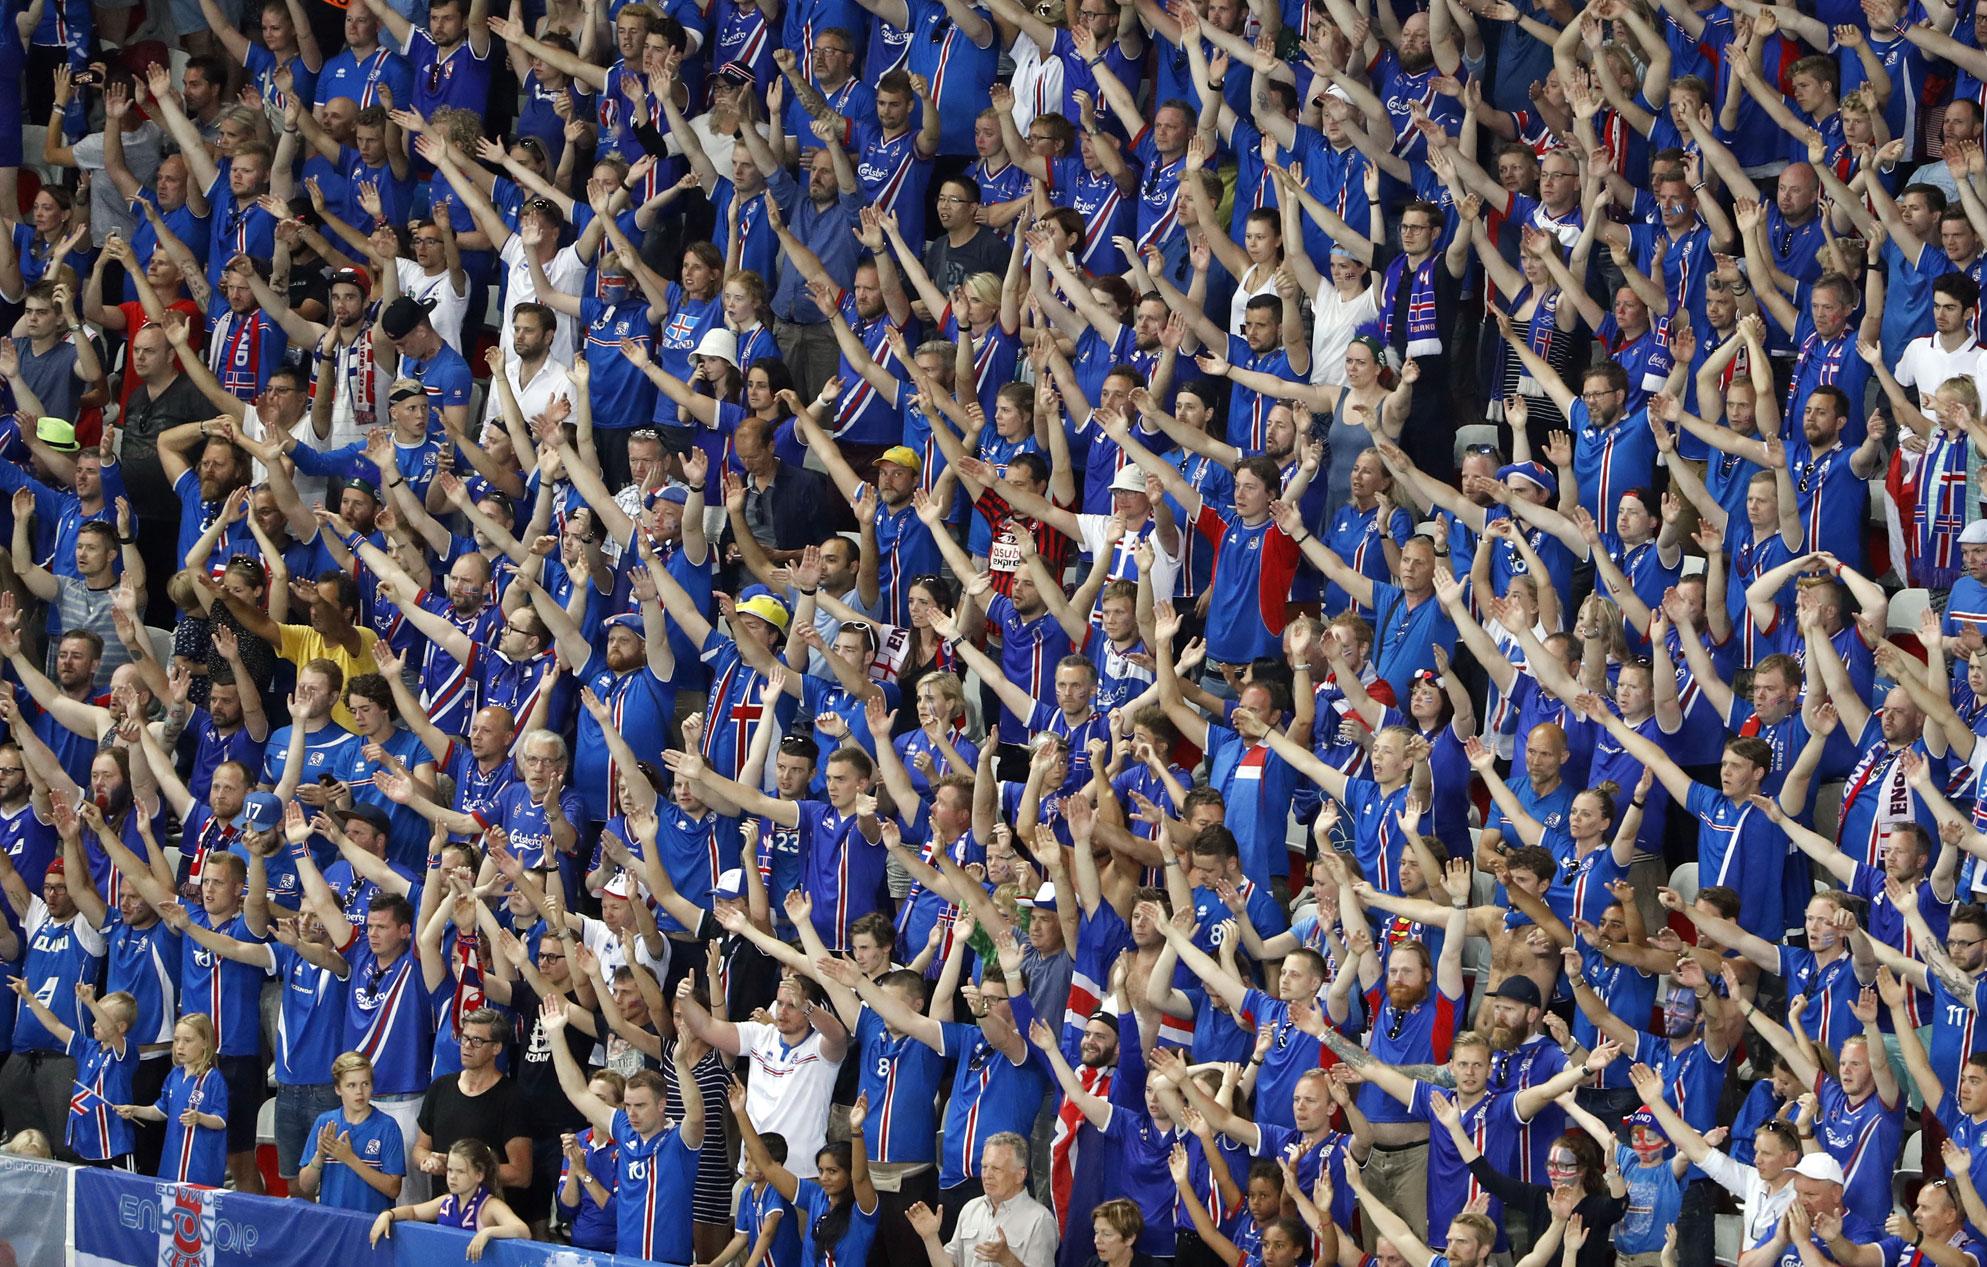 le clapping islandais